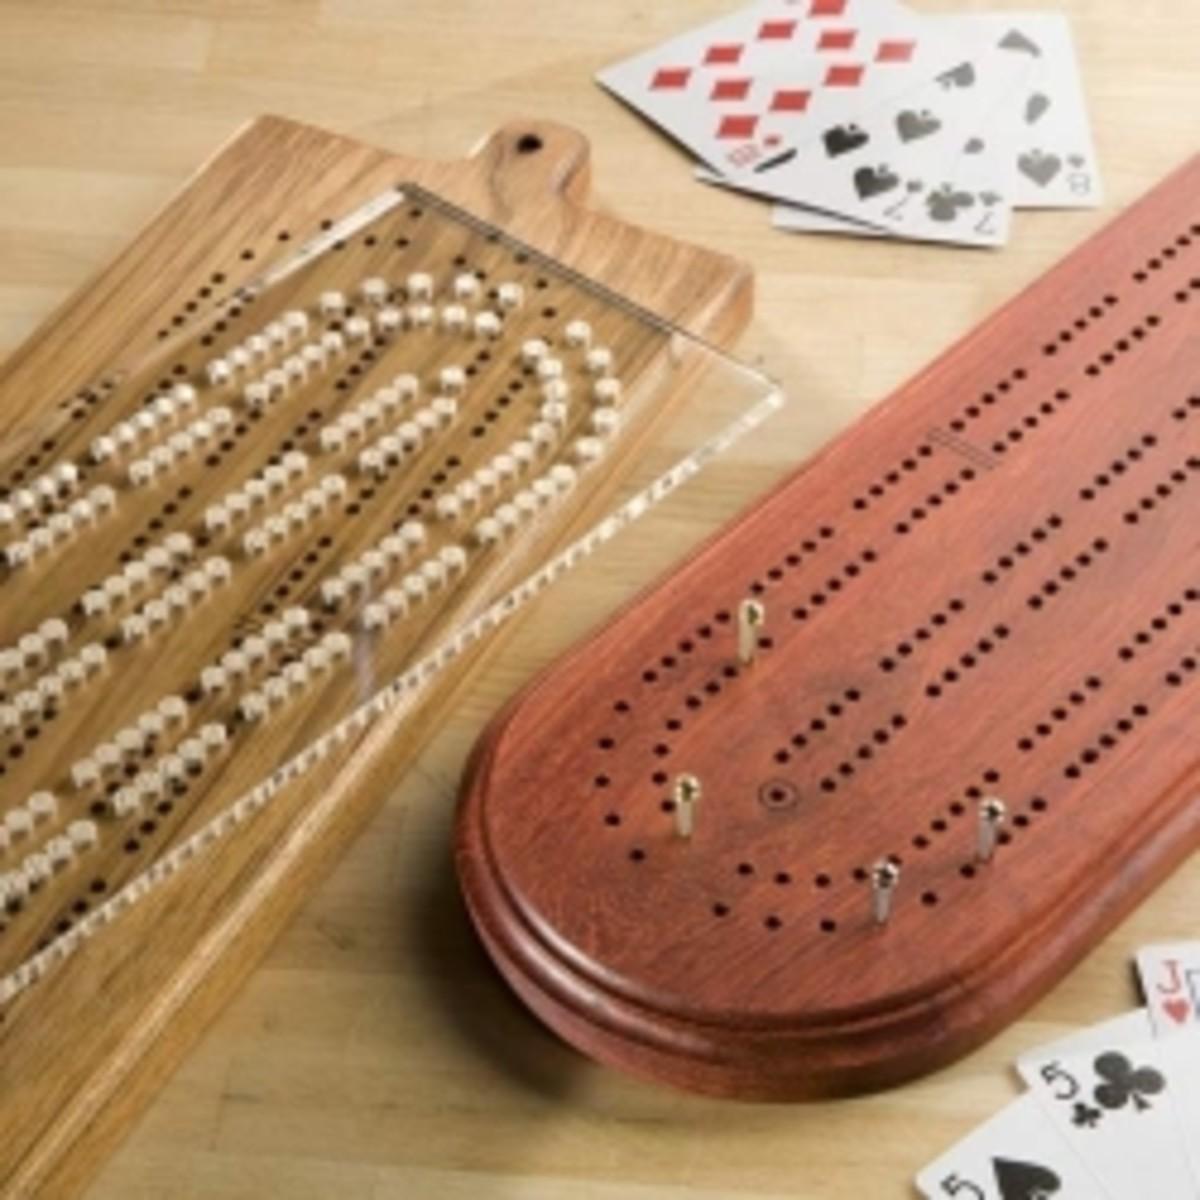 3 best cribbage board templates by rockler make great for Cribbage board drilling templates